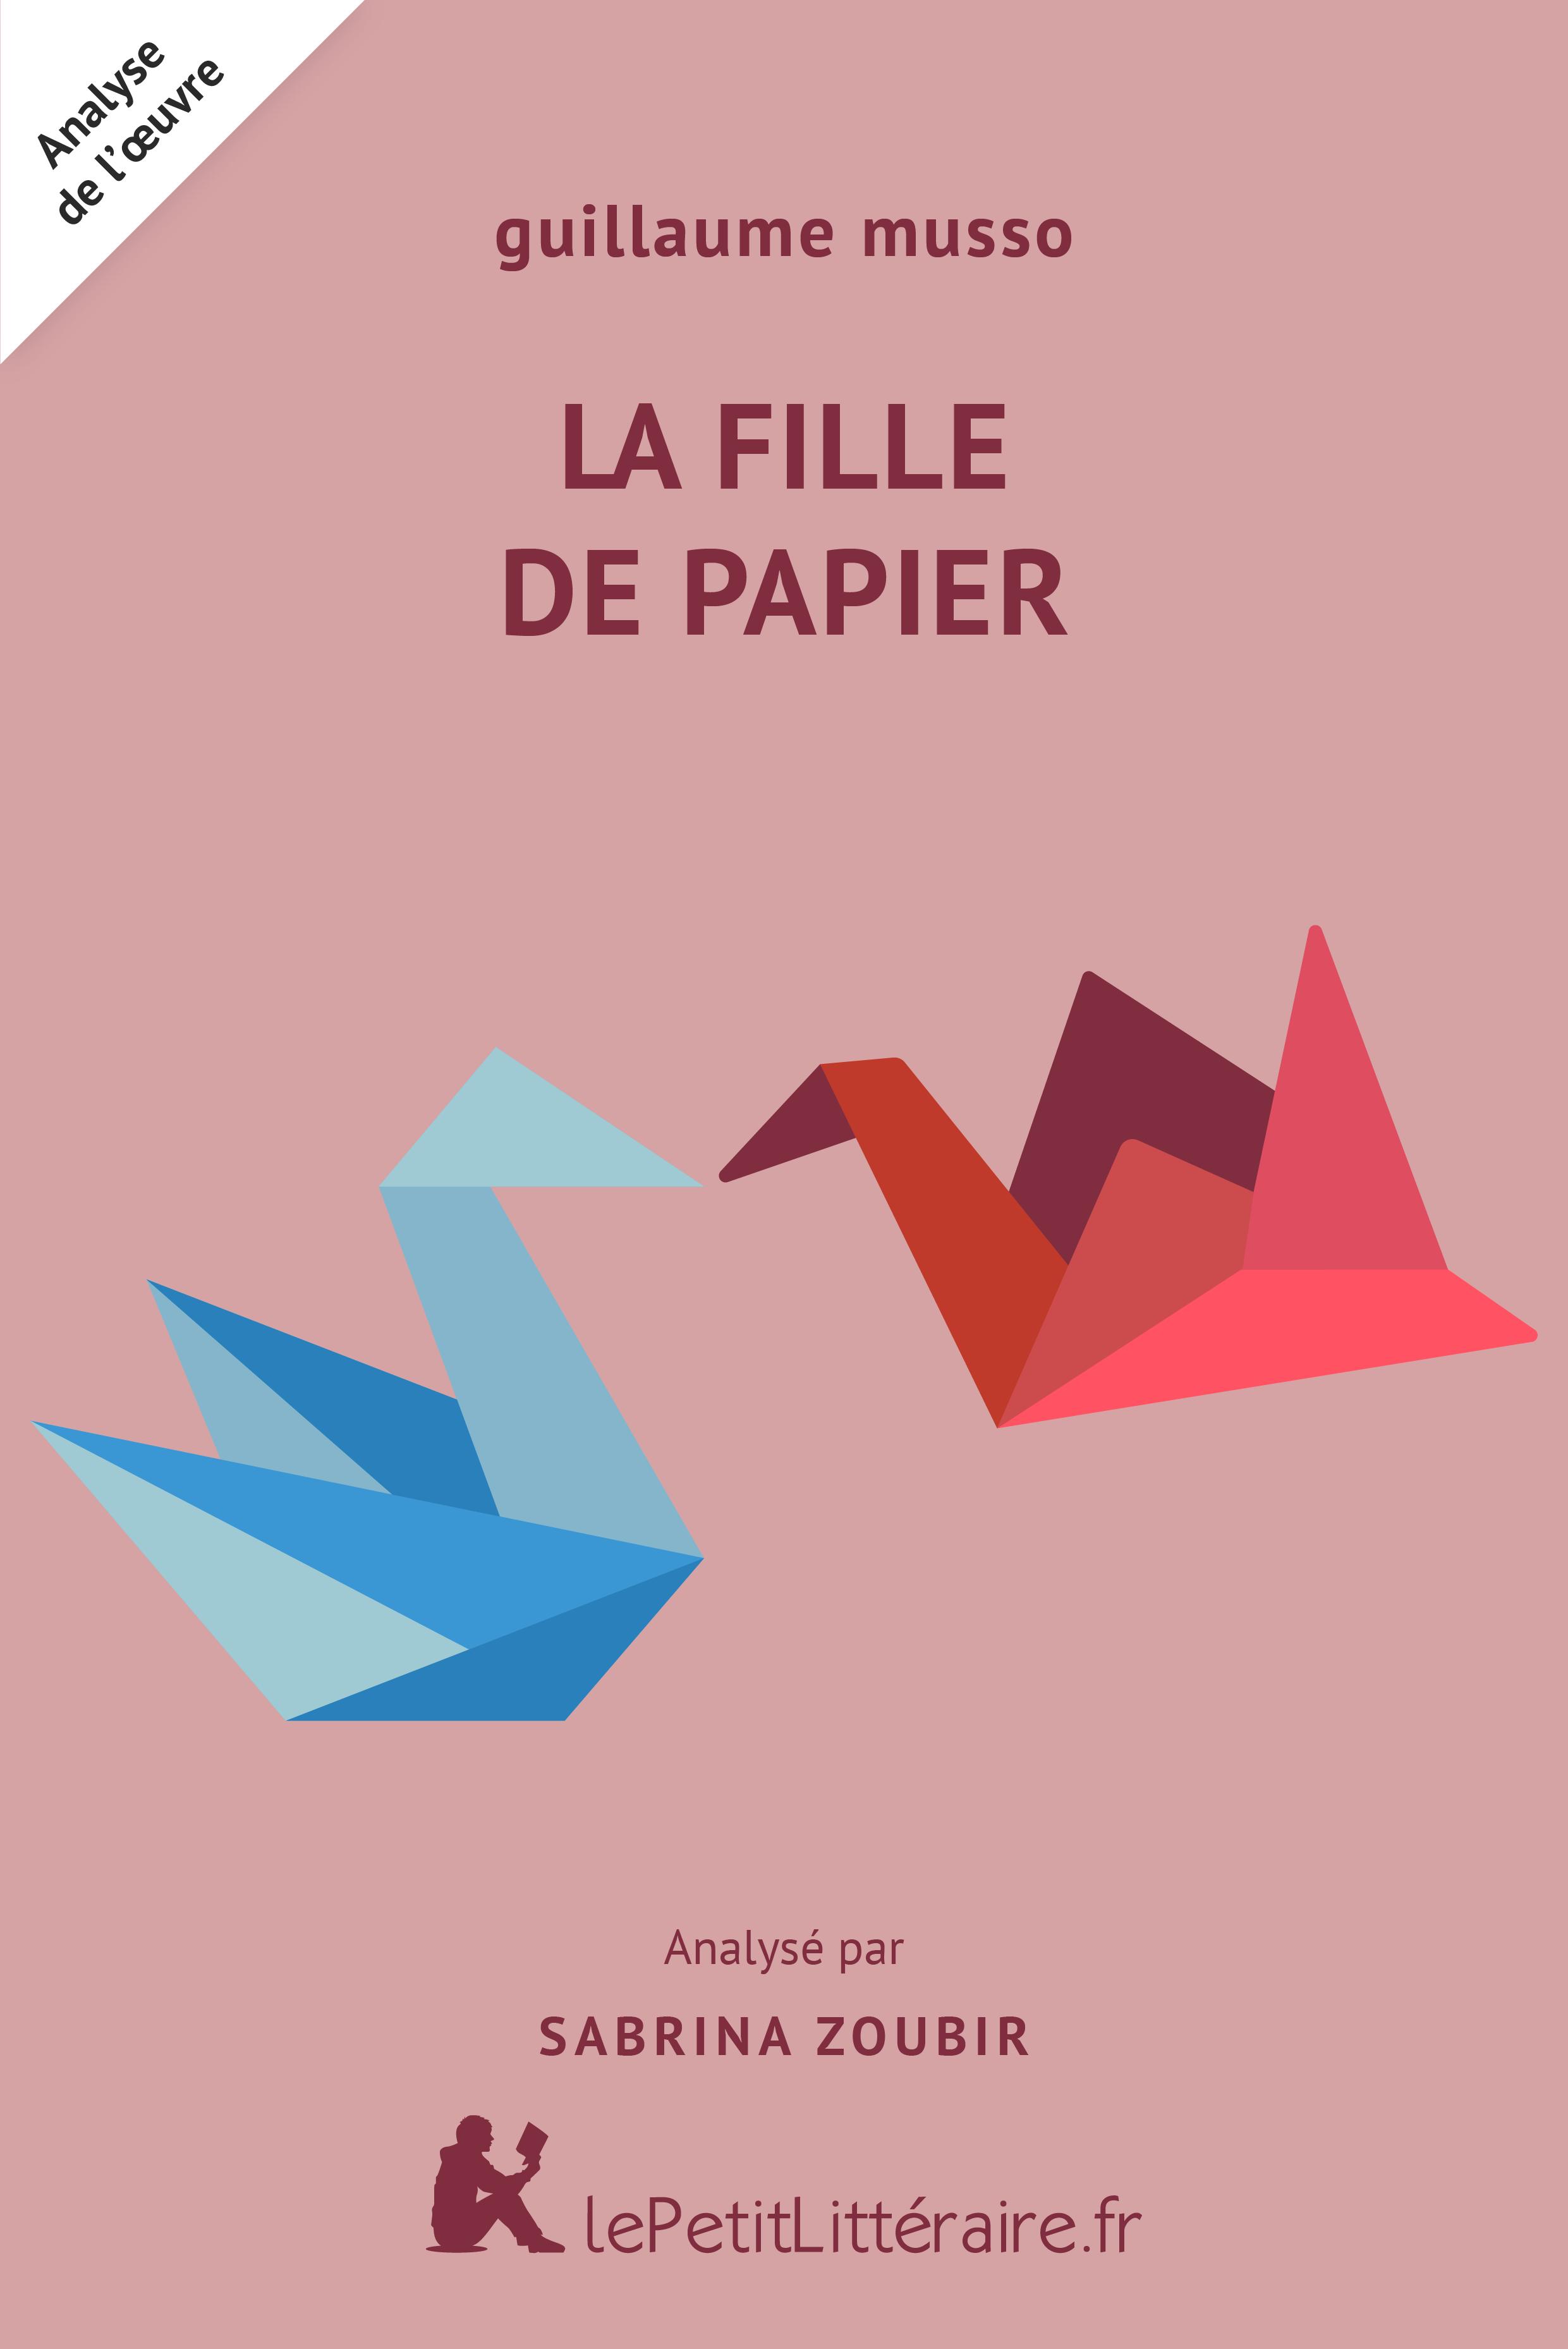 Lepetitlitteraire Fr La Fille De Papier Guillaume Musso